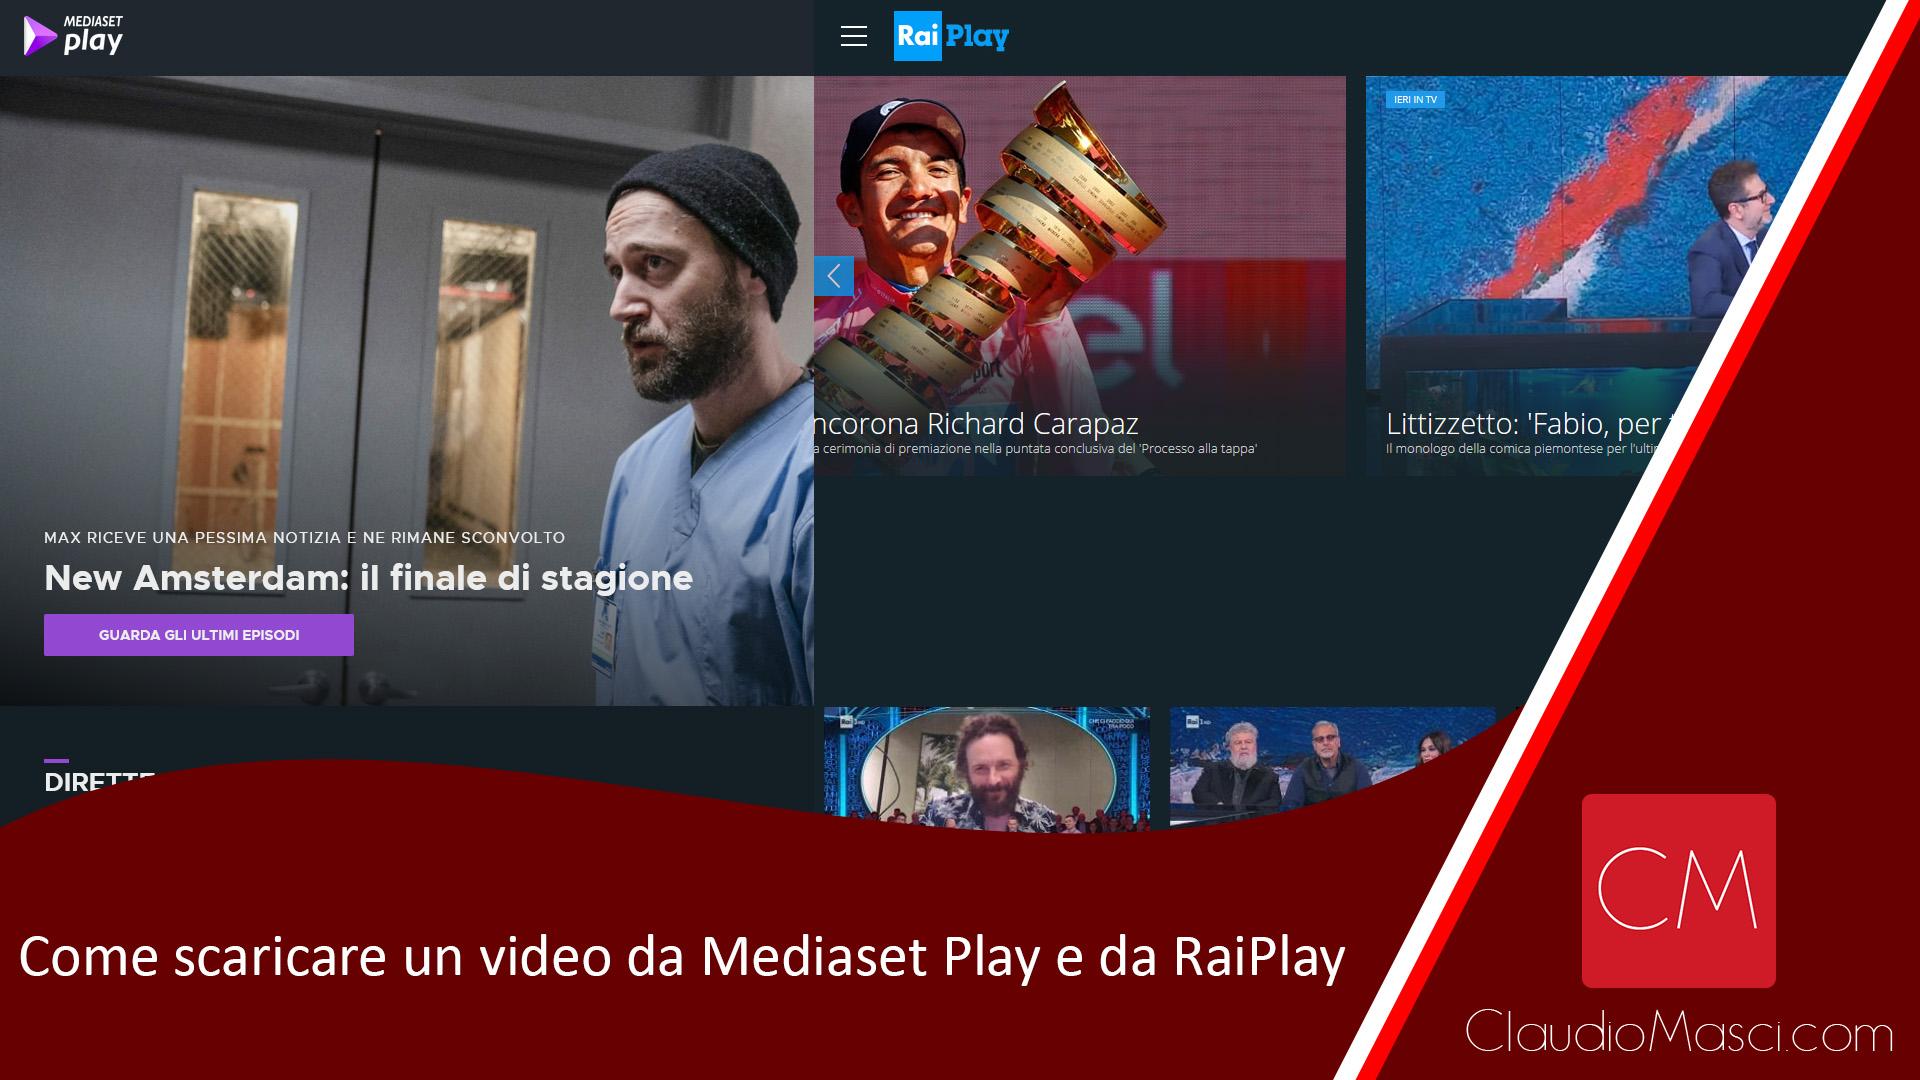 Come scaricare un video da Mediaset Play e da RaiPlay